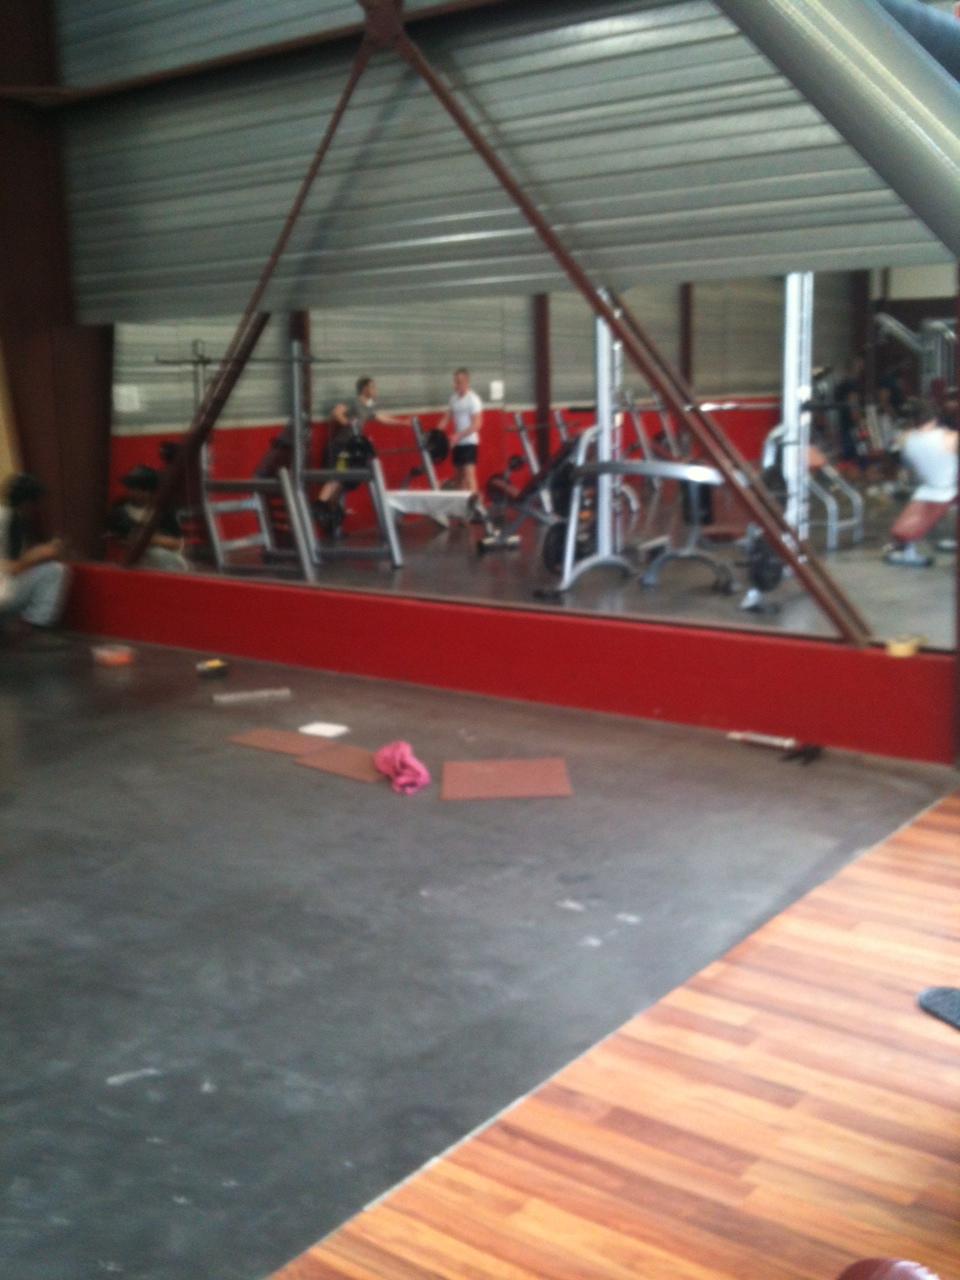 Miroir Pour Salle De Sport Devis Sur Techni Contact Miroir Sur